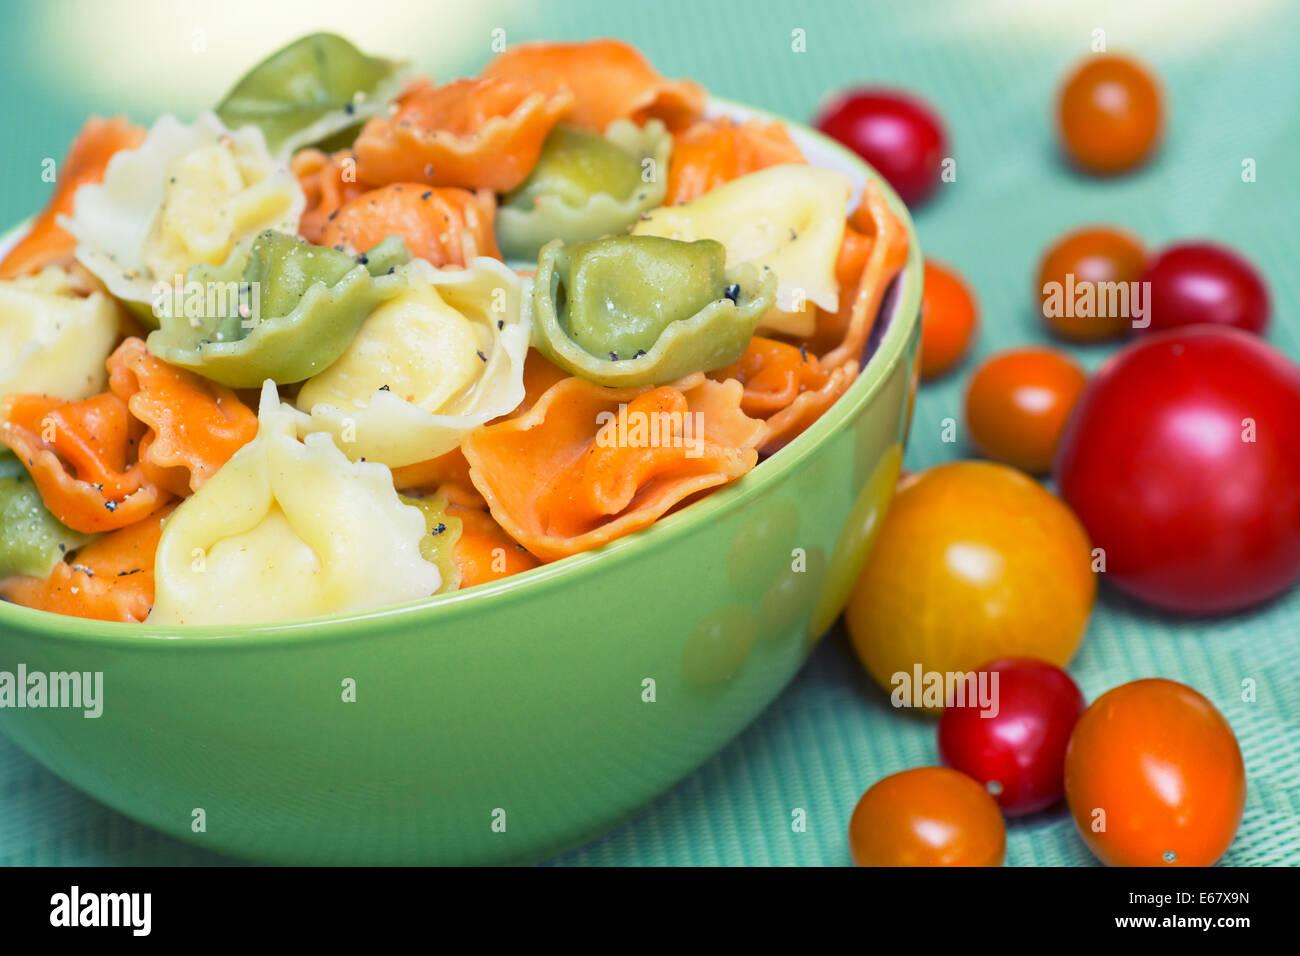 Tortellini, tricolore, verde di colore arancio la pasta in una ciotola Immagini Stock